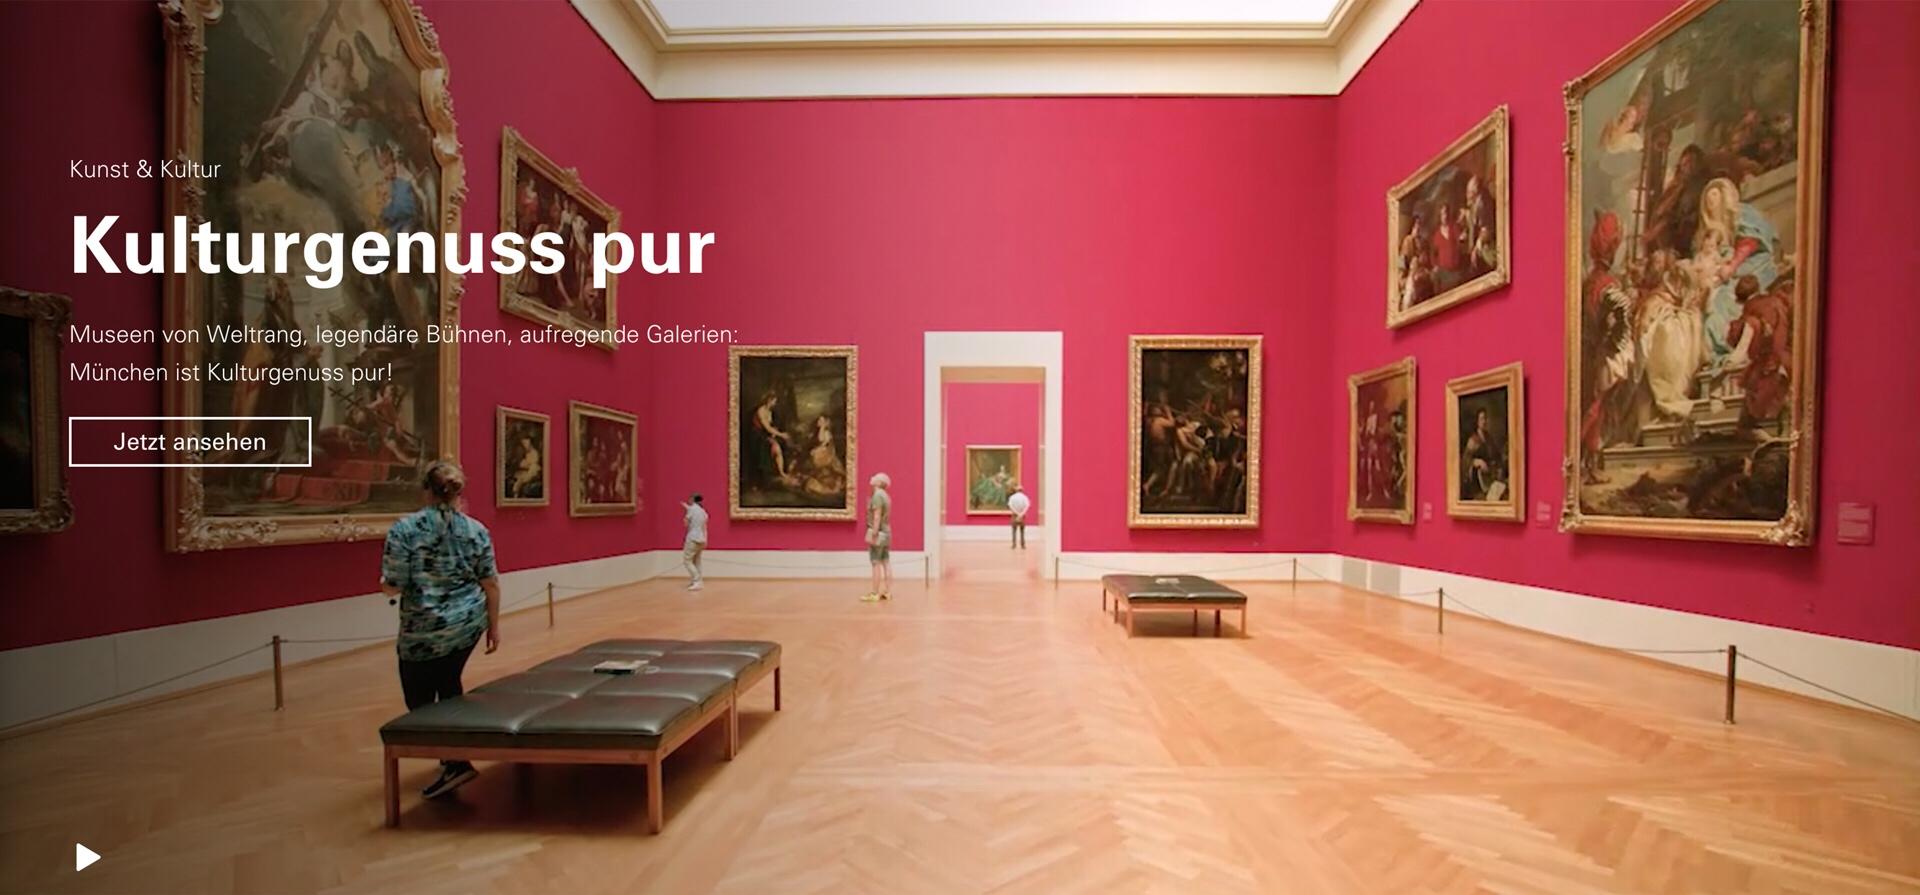 12 _ kunst-und-kultur.jpeg